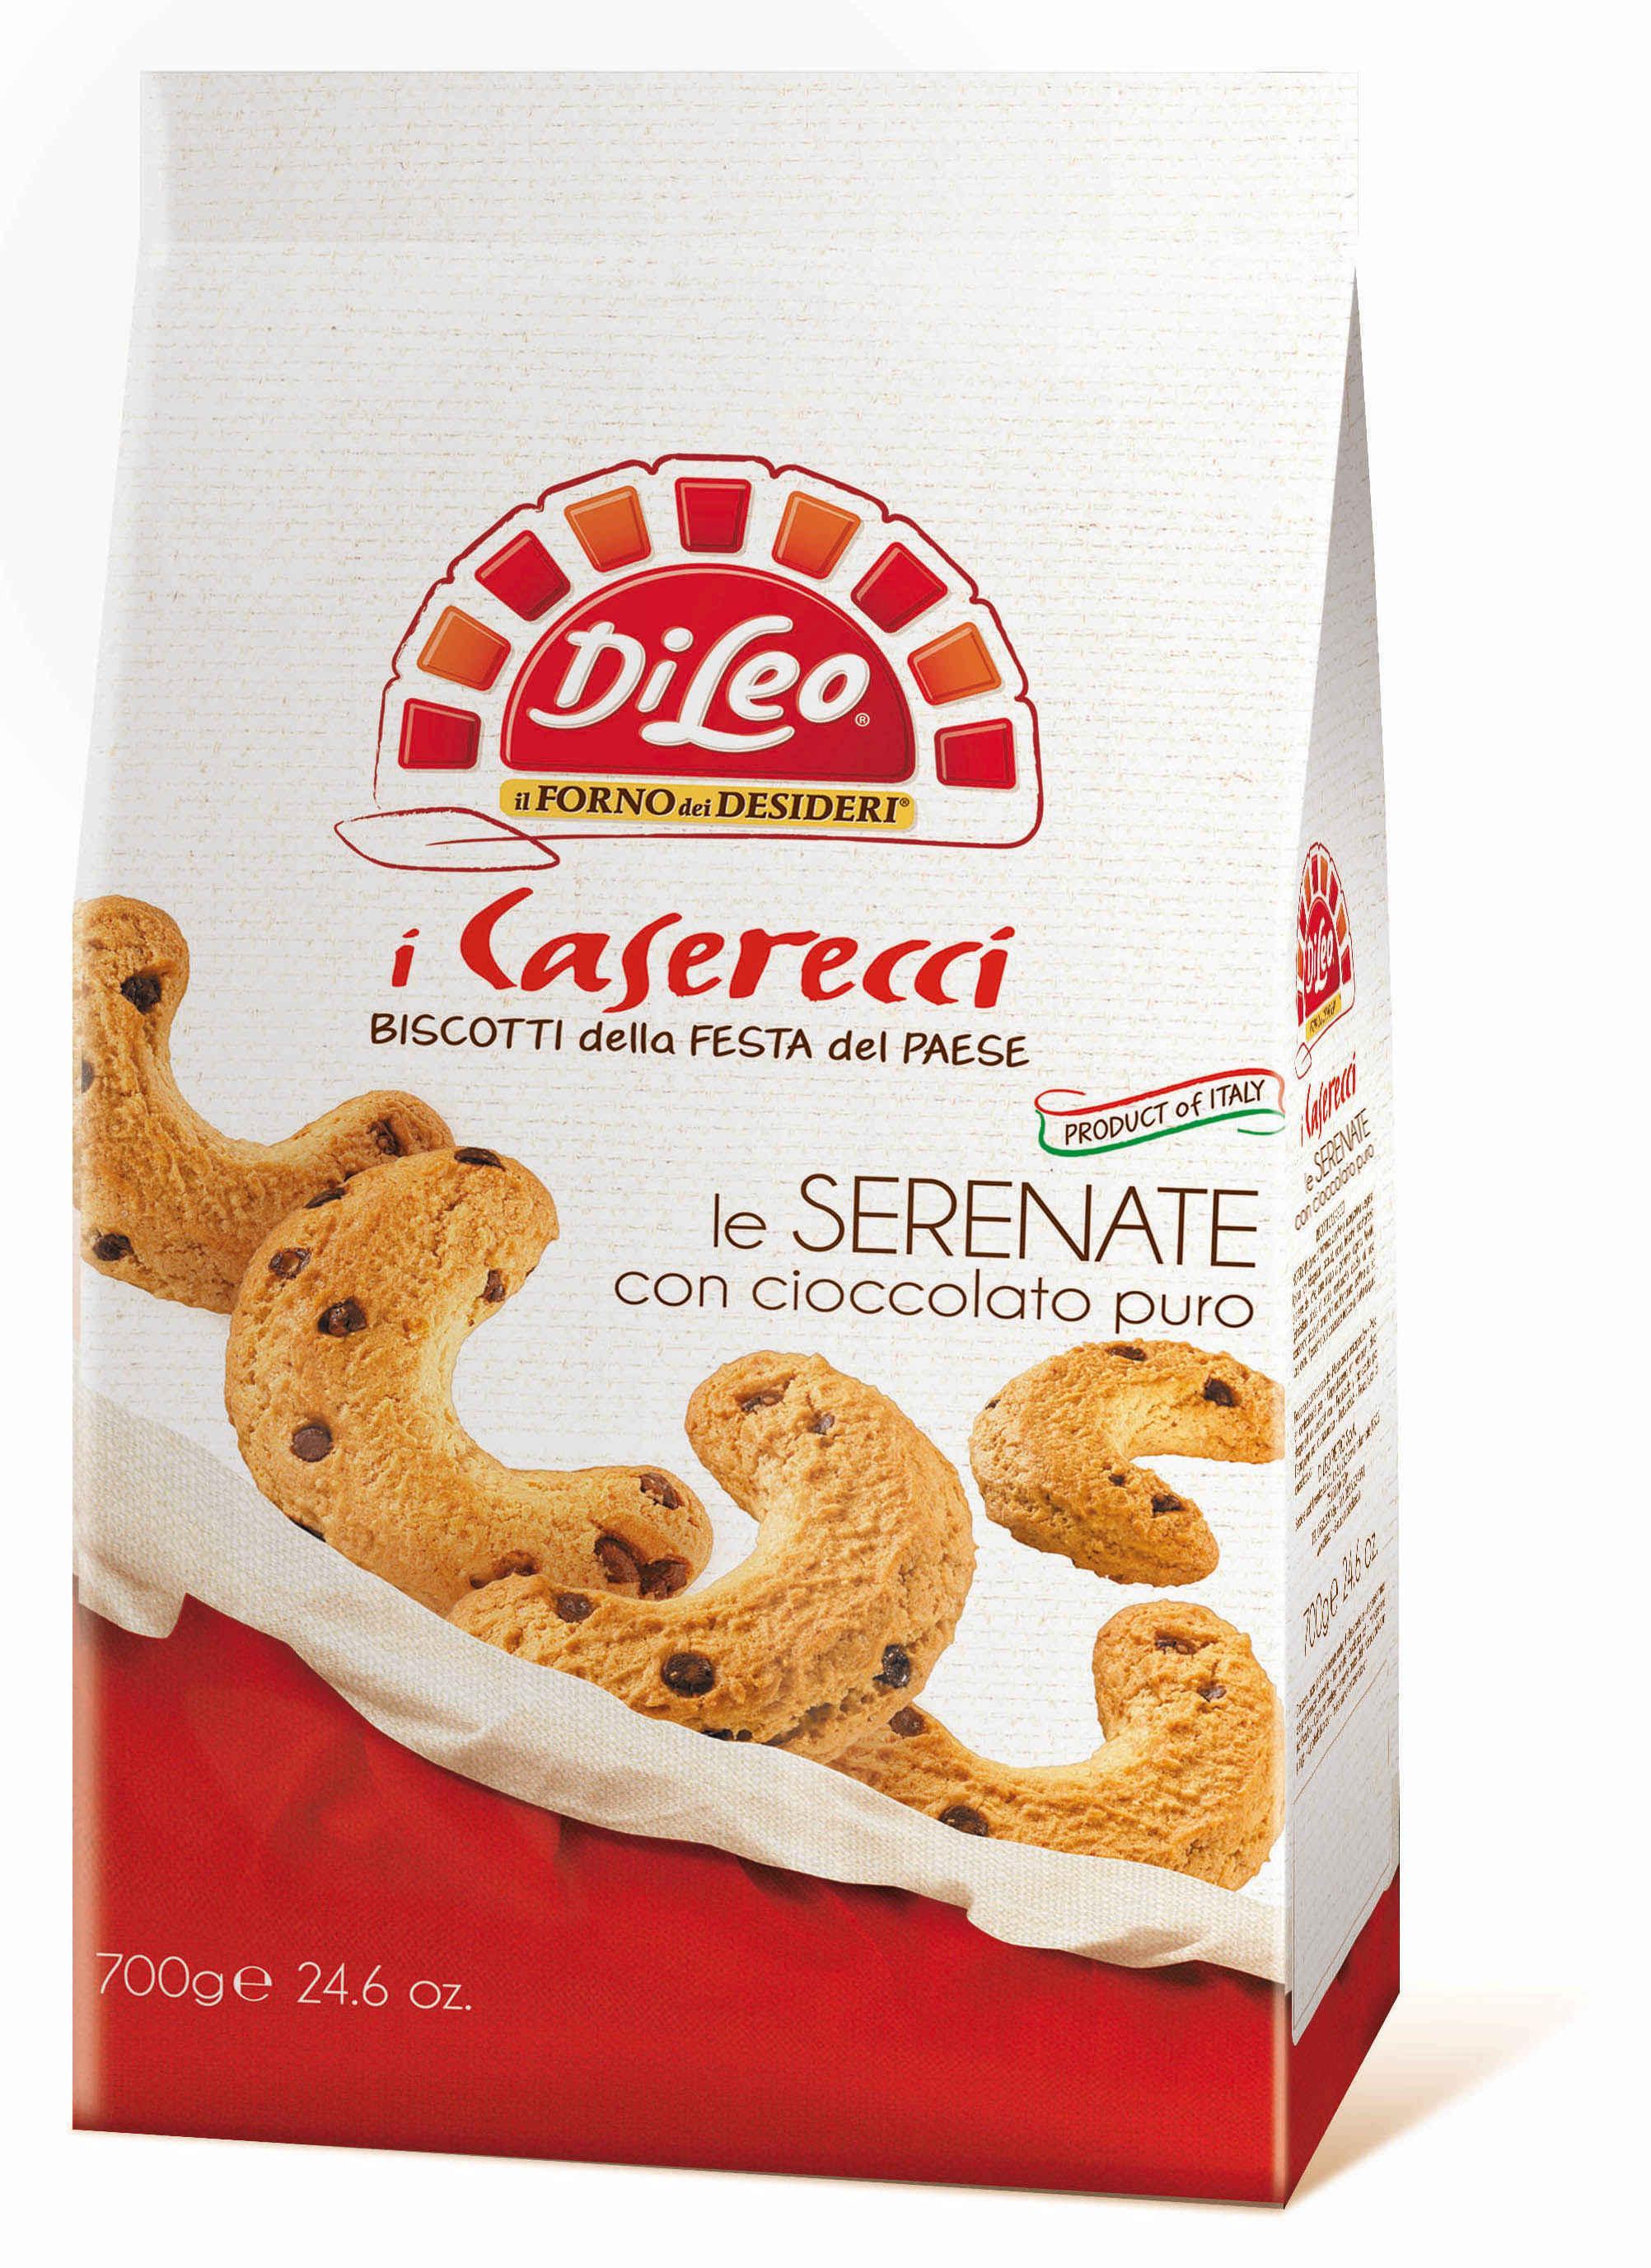 Печенье Di Leo Caserecci le Serenate con cioccolato